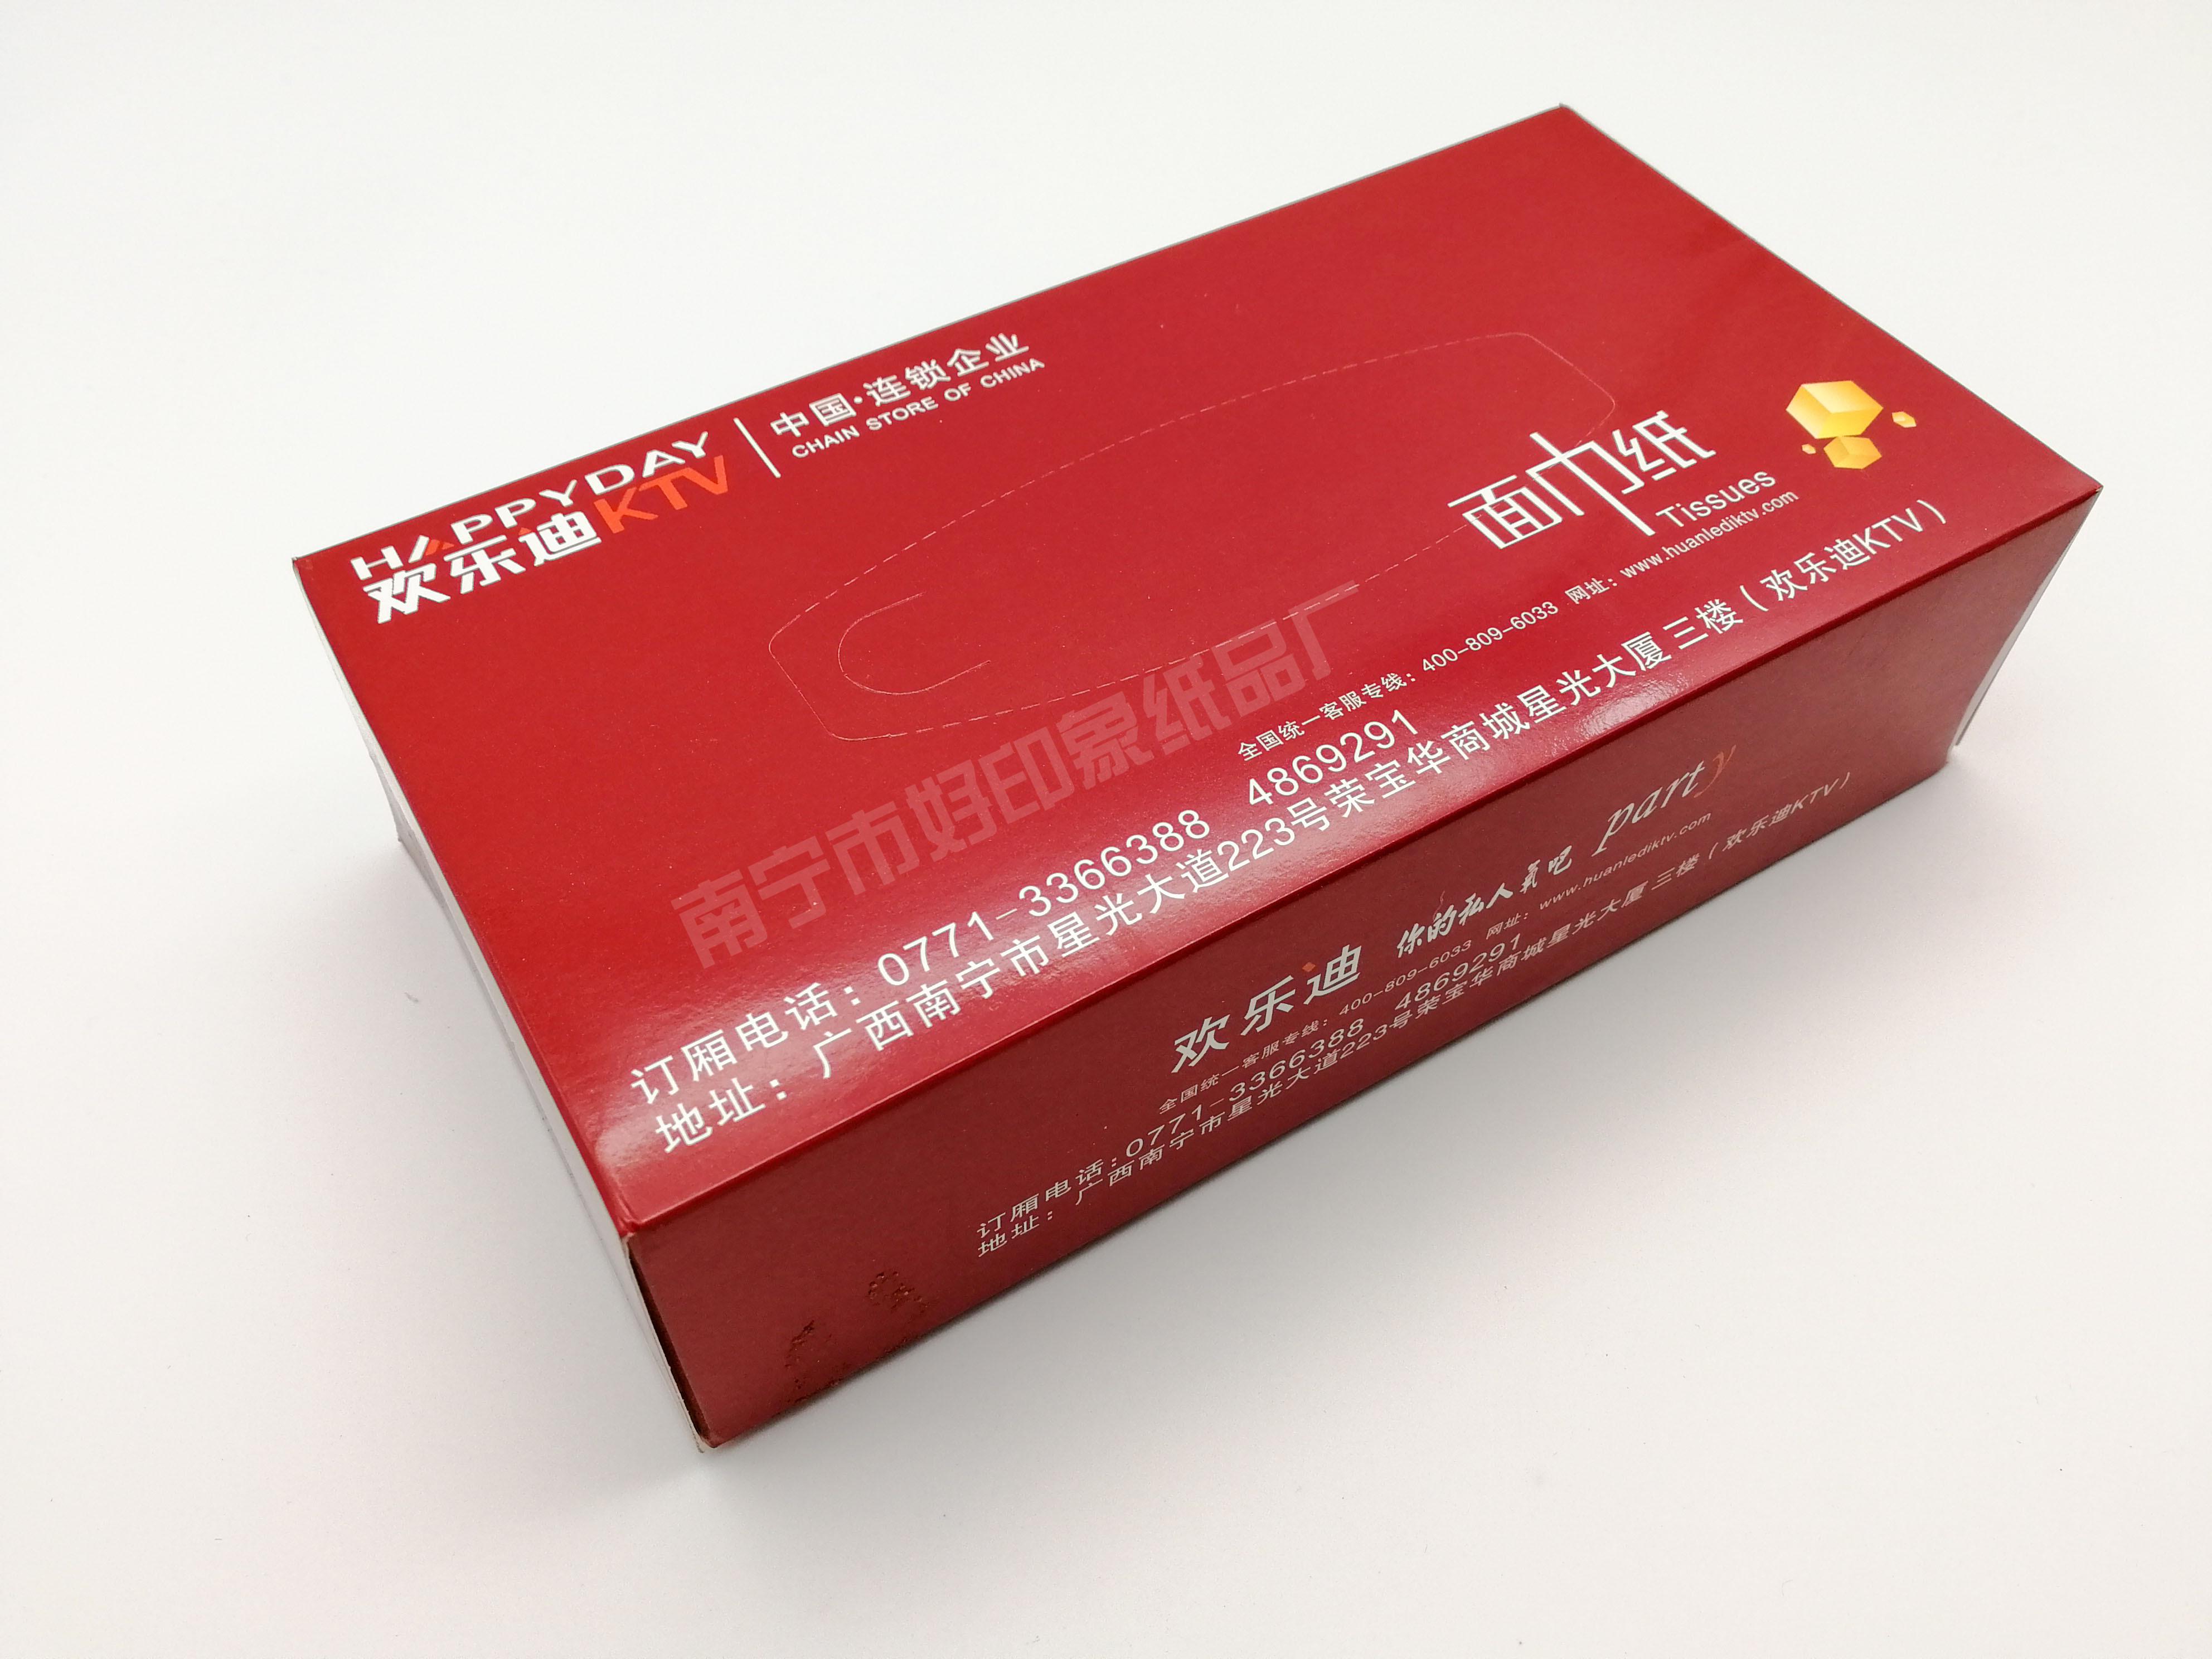 南宁欢乐迪KTV广告盒装纸巾定制批发厂家-南宁好印象纸品厂